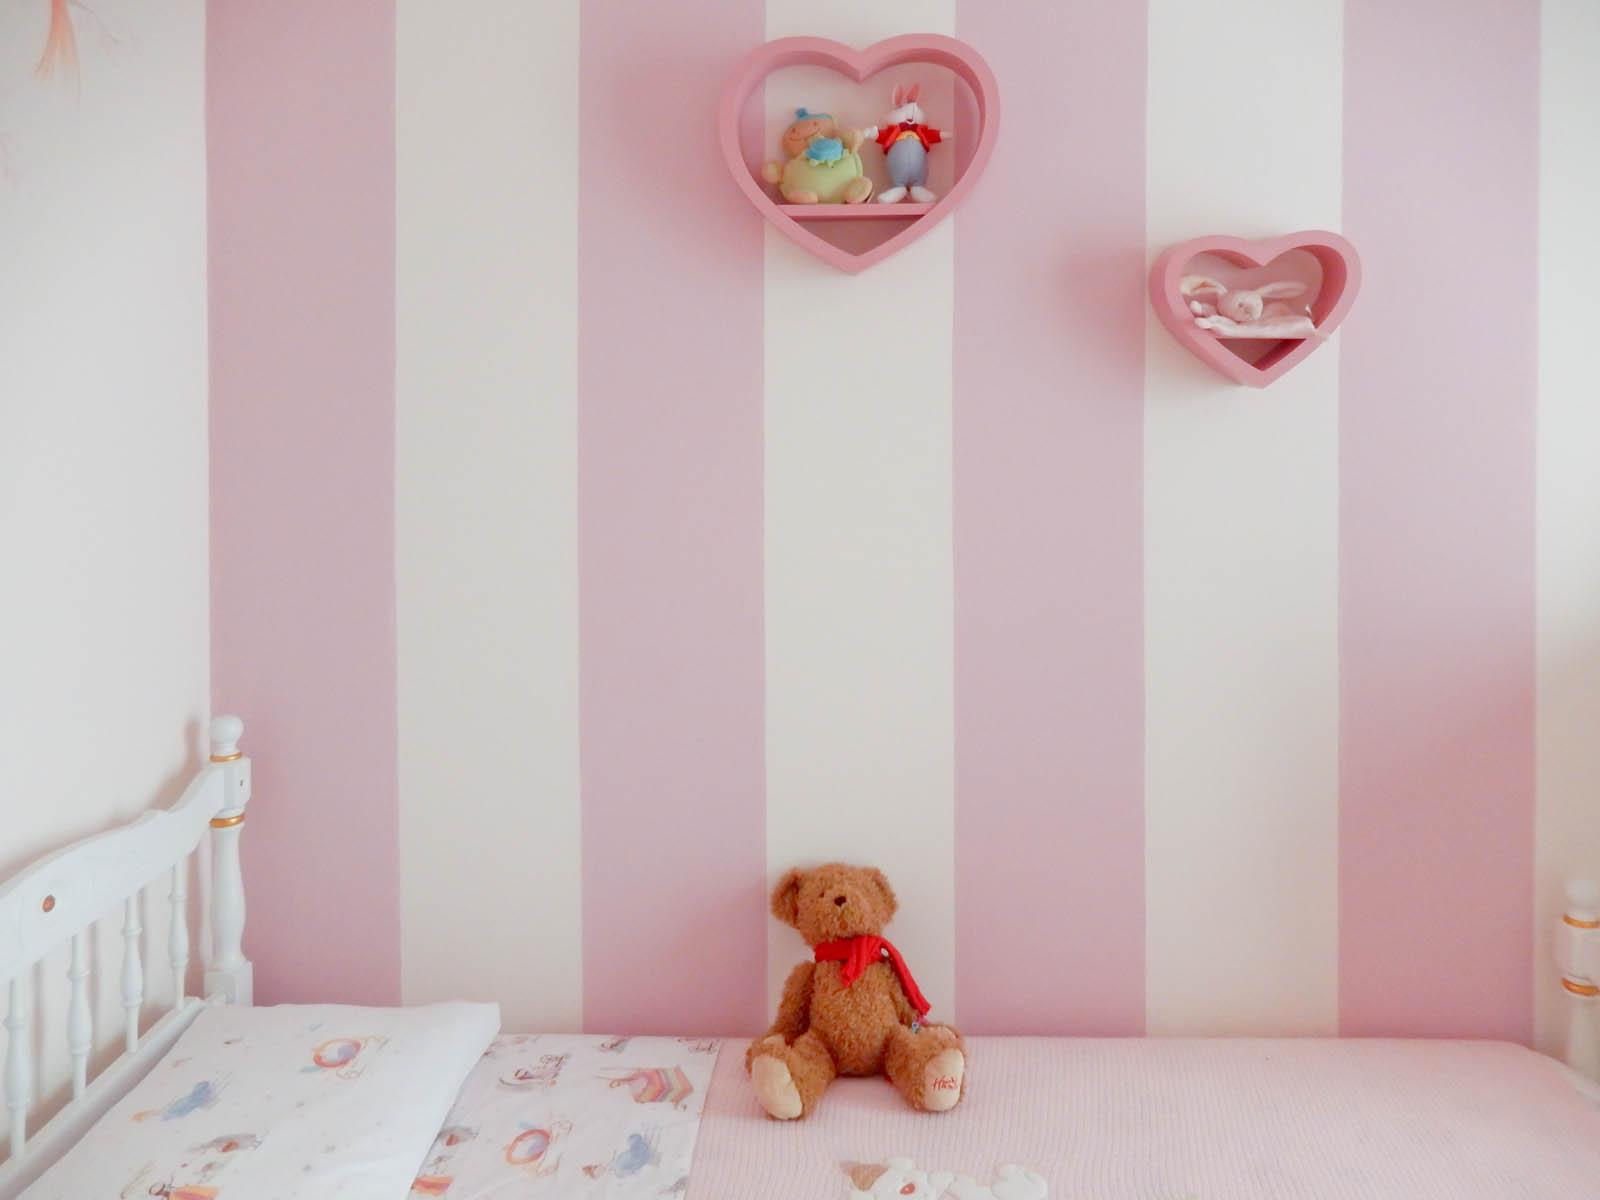 Decorazione cameretta bimba arredare la cameretta dei bambini idee fai da te facili da - Decorazione cameretta bimba ...